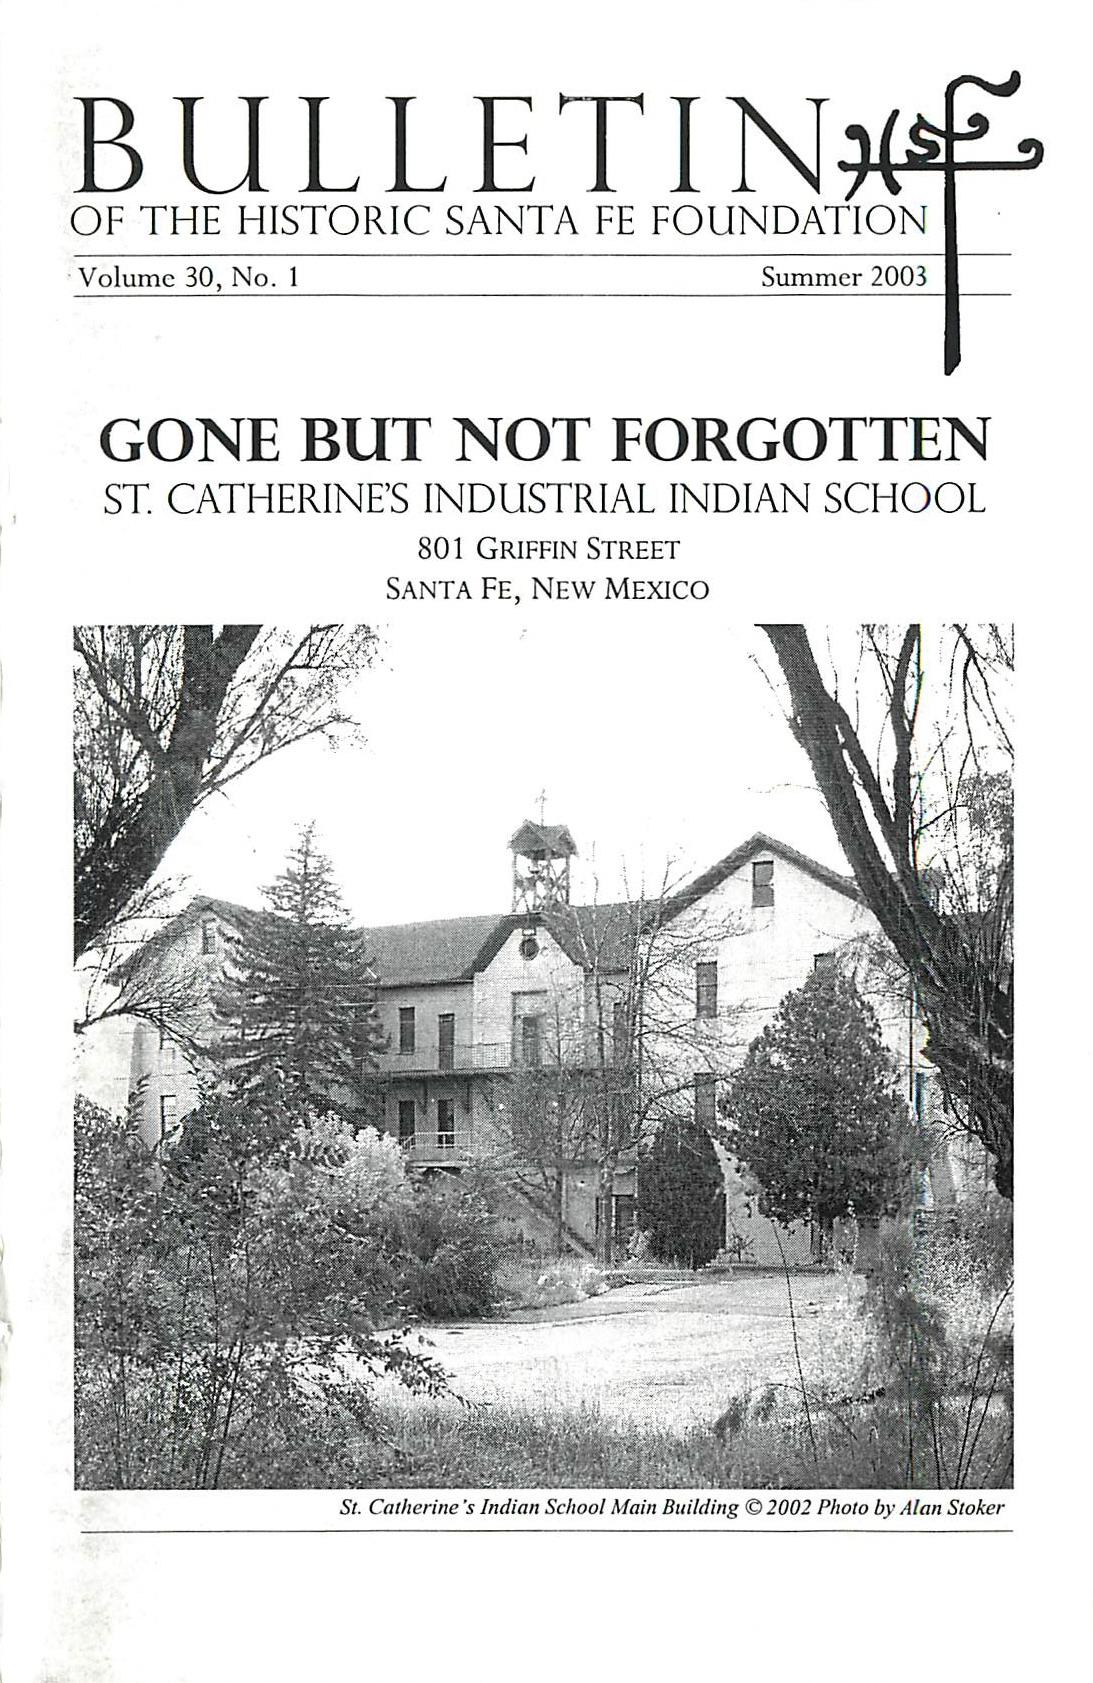 2003 HSFF Bulletin Vol.30 No.1 Cover